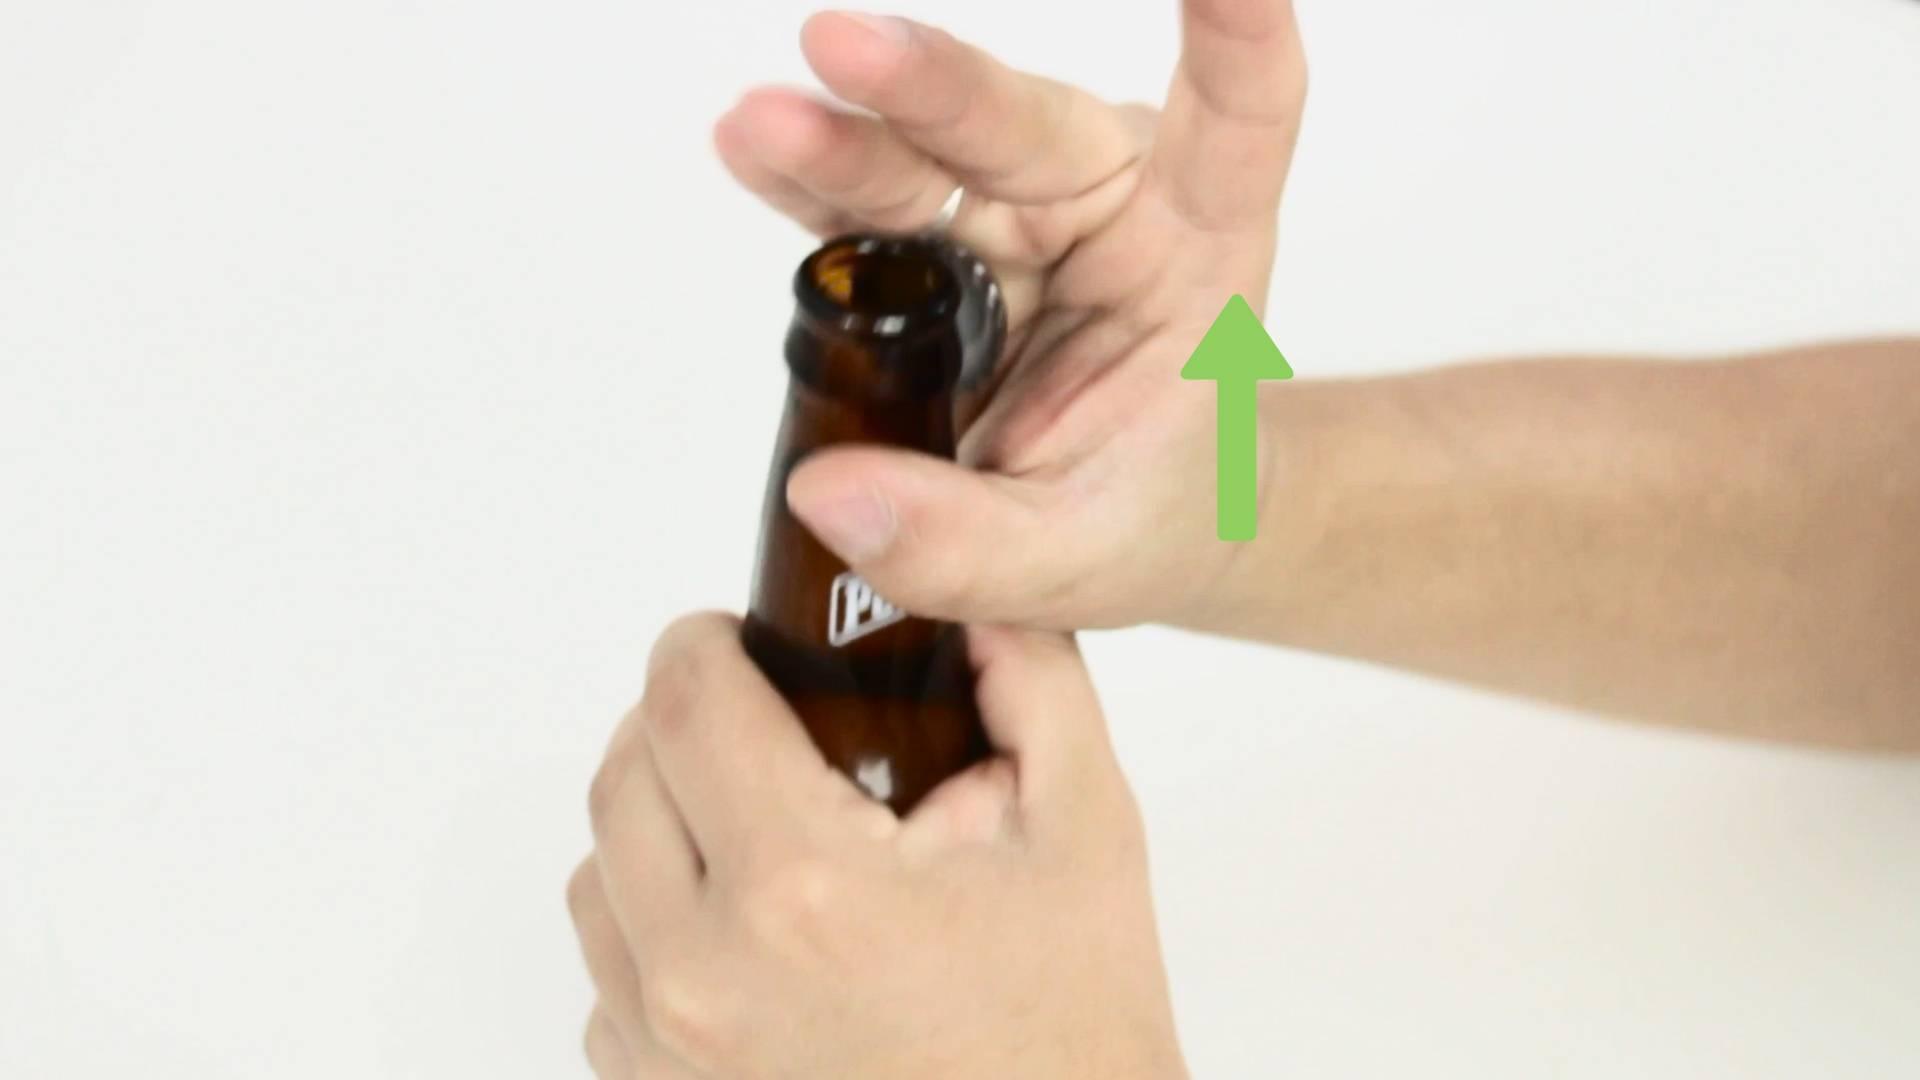 Как открыть пиво без открывашки, экстремальные и безопасные методы